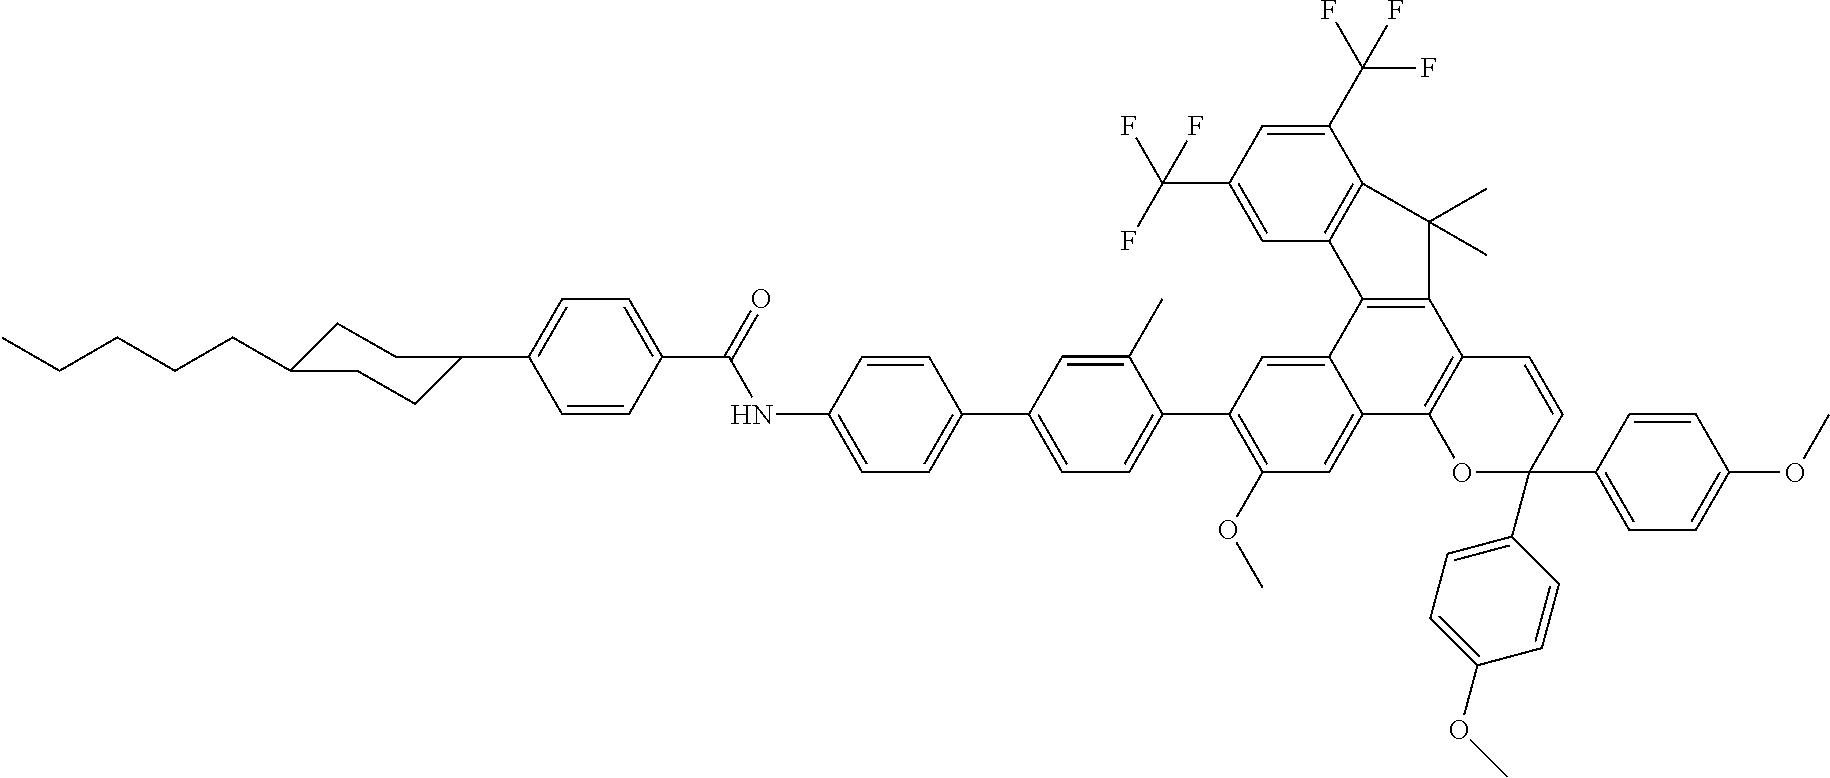 Figure US08518546-20130827-C00042